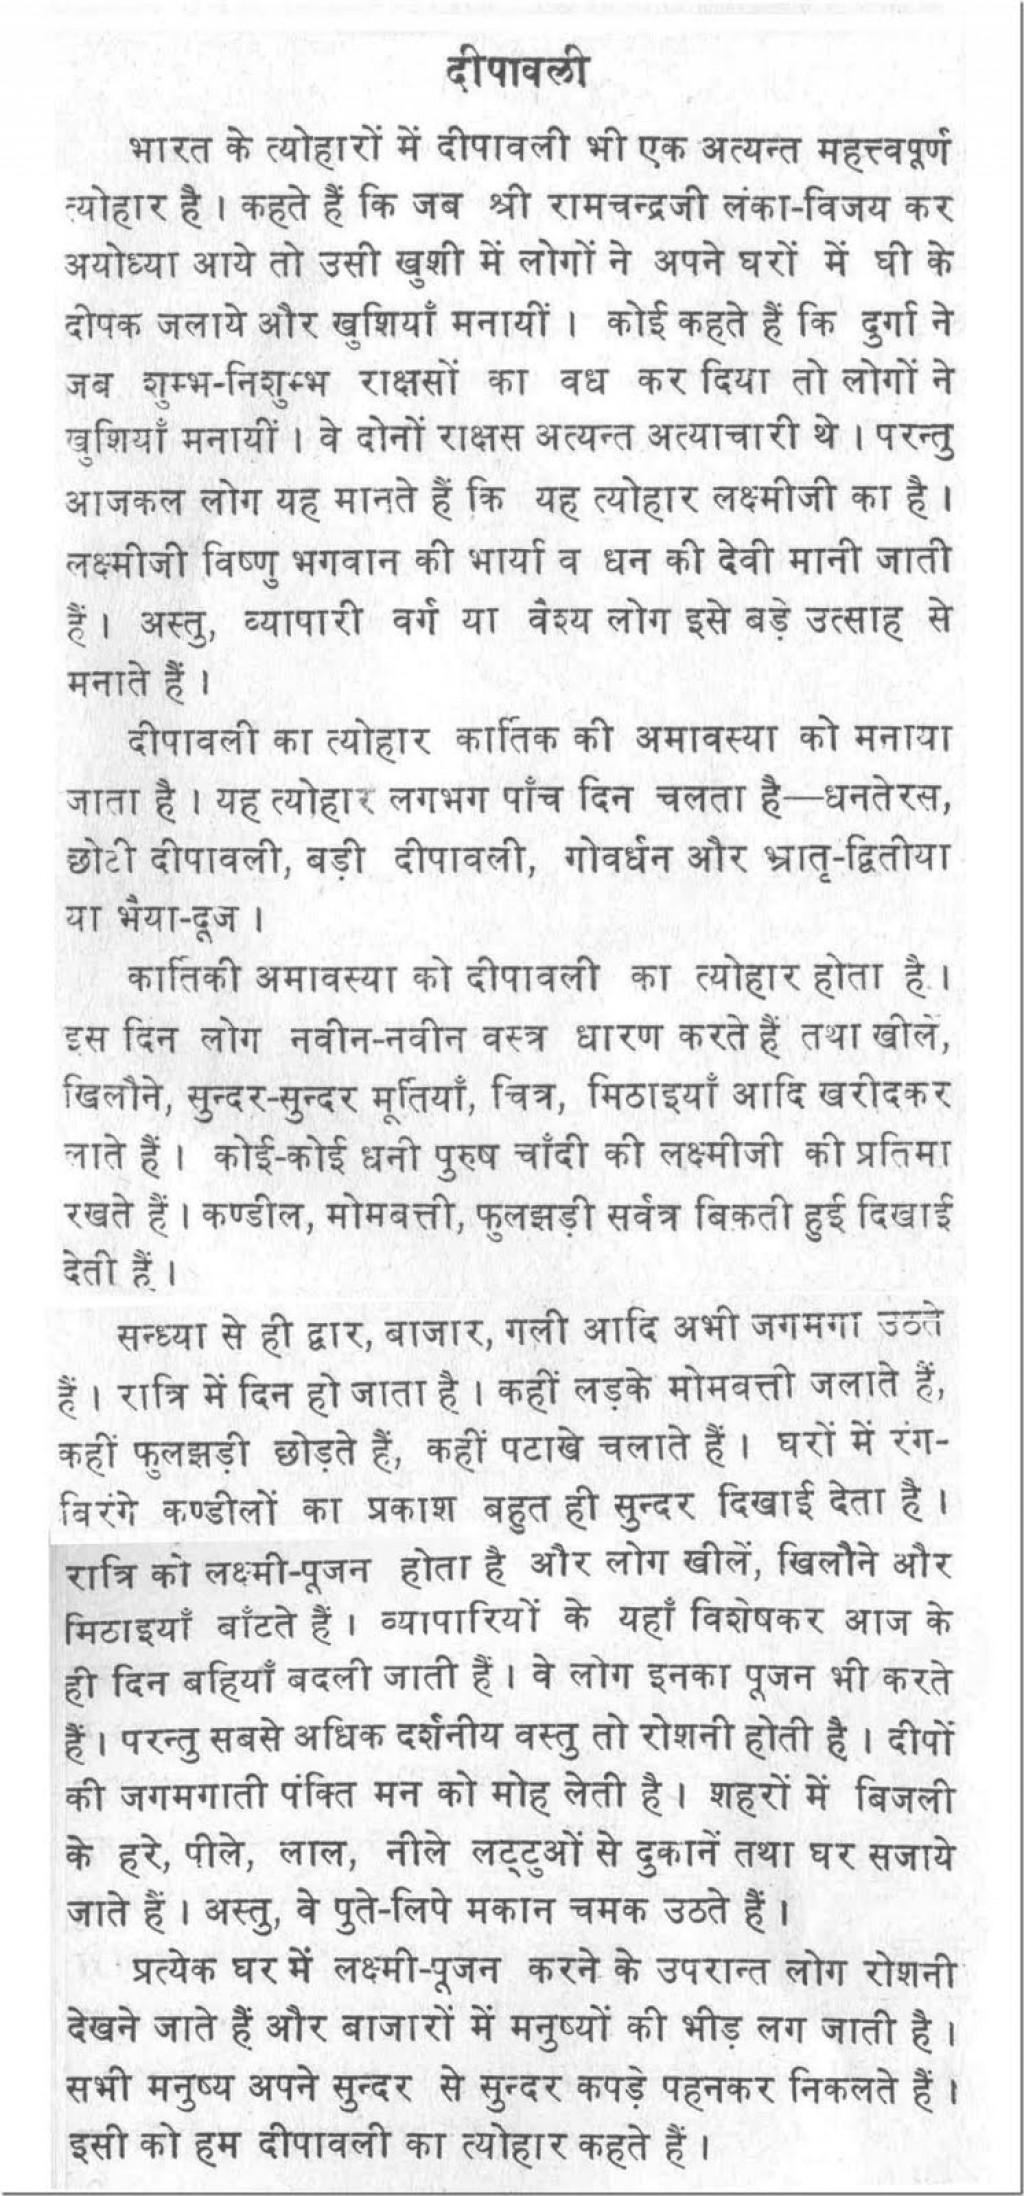 017 Essay Example Diwali20esay20in20hindi Hard Wonderful Work In Urdu Large